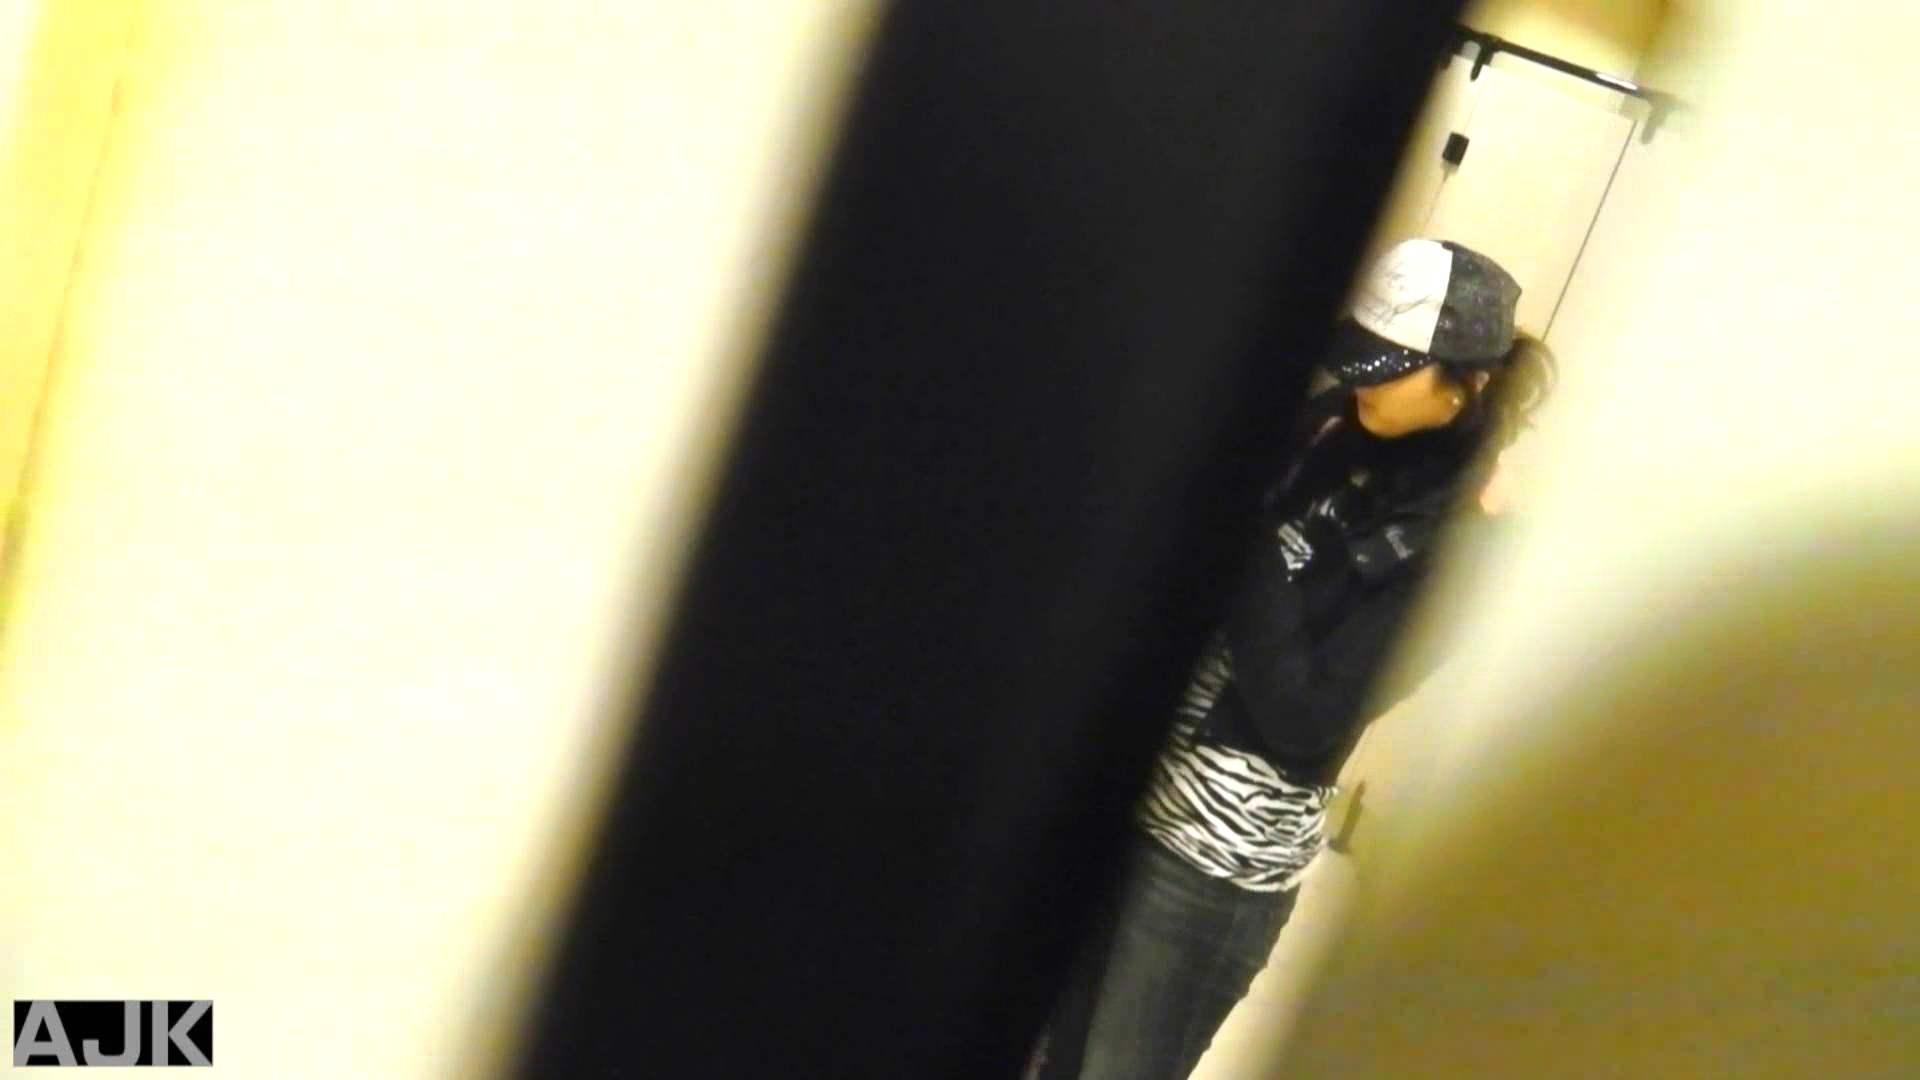 神降臨!史上最強の潜入かわや! vol.02 美女まとめ オマンコ無修正動画無料 90PIX 64